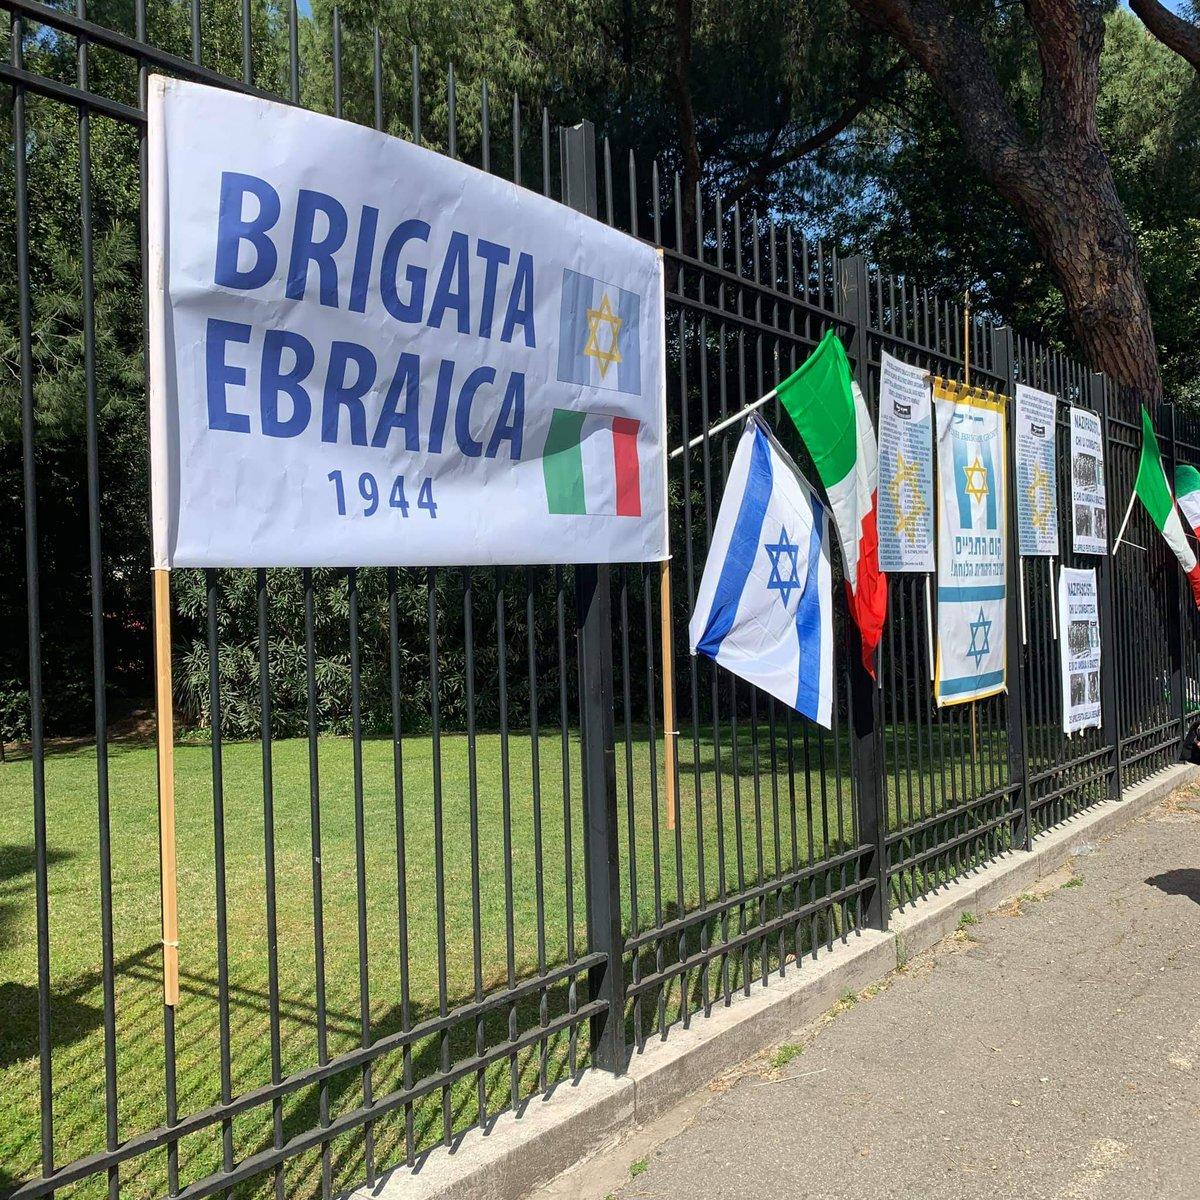 #brigataebraica